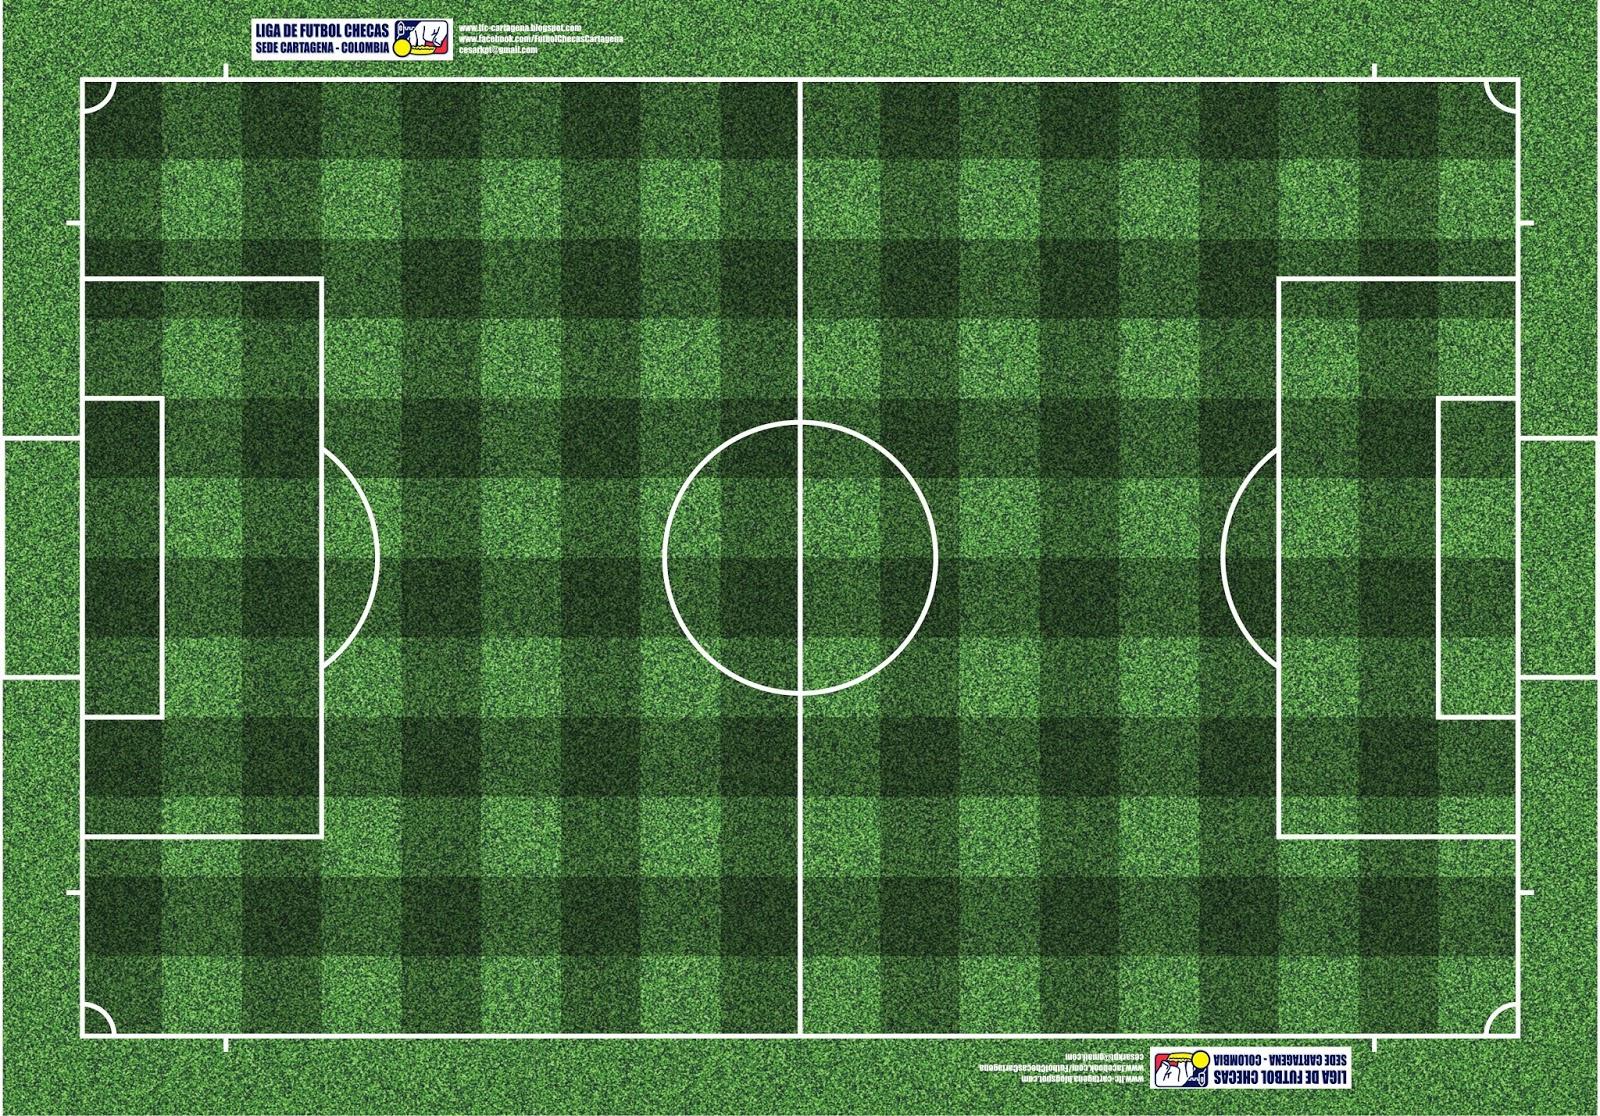 LFC - Sede Cartagena de Indias, Colombia: Futbol Checas version Eco